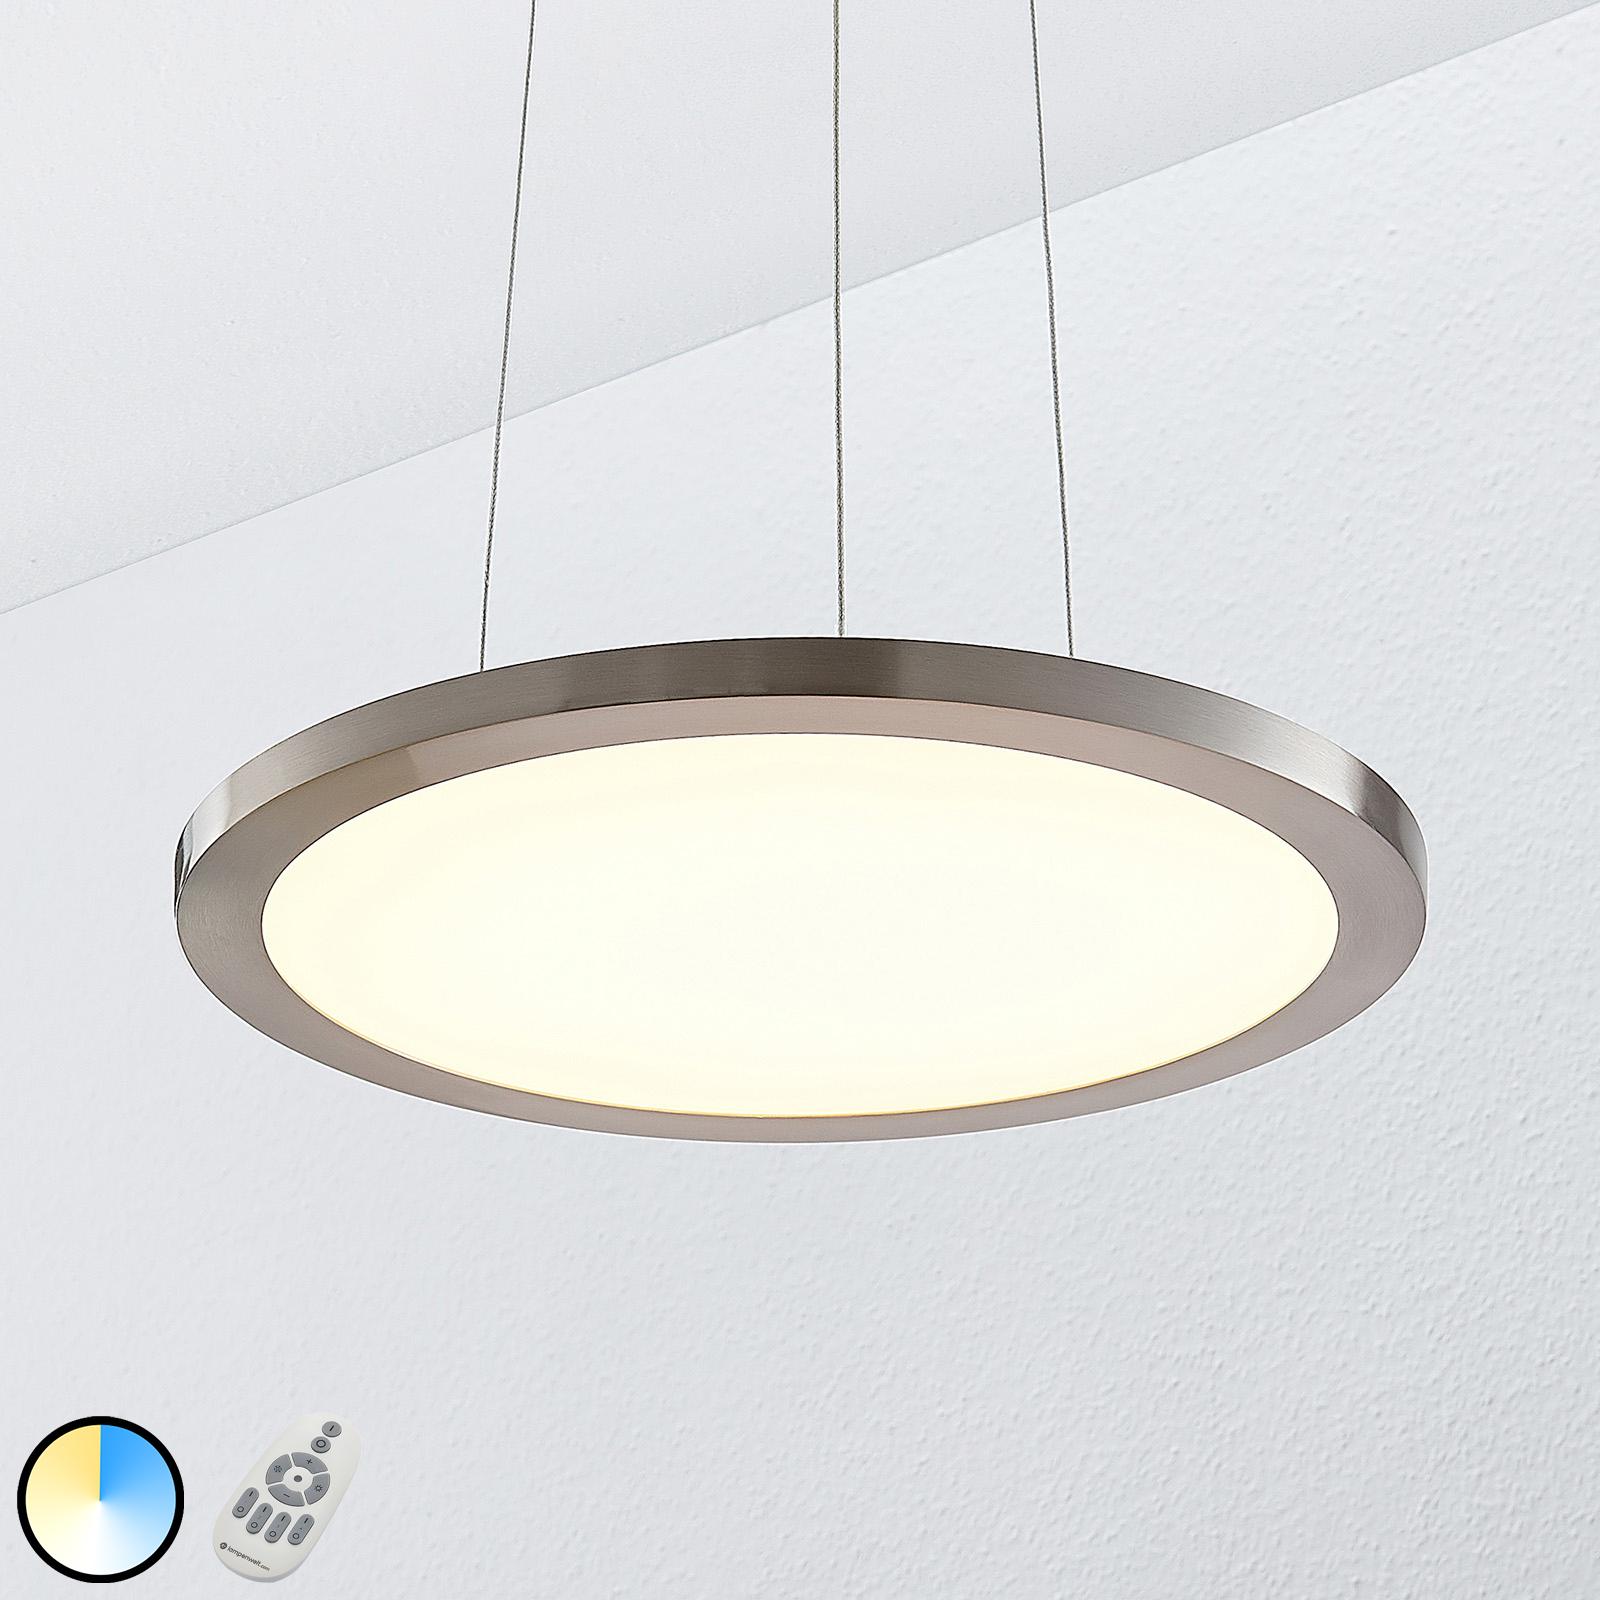 Lampa wisząca LED Tess, 2700-6200K, 40 cm,chrom